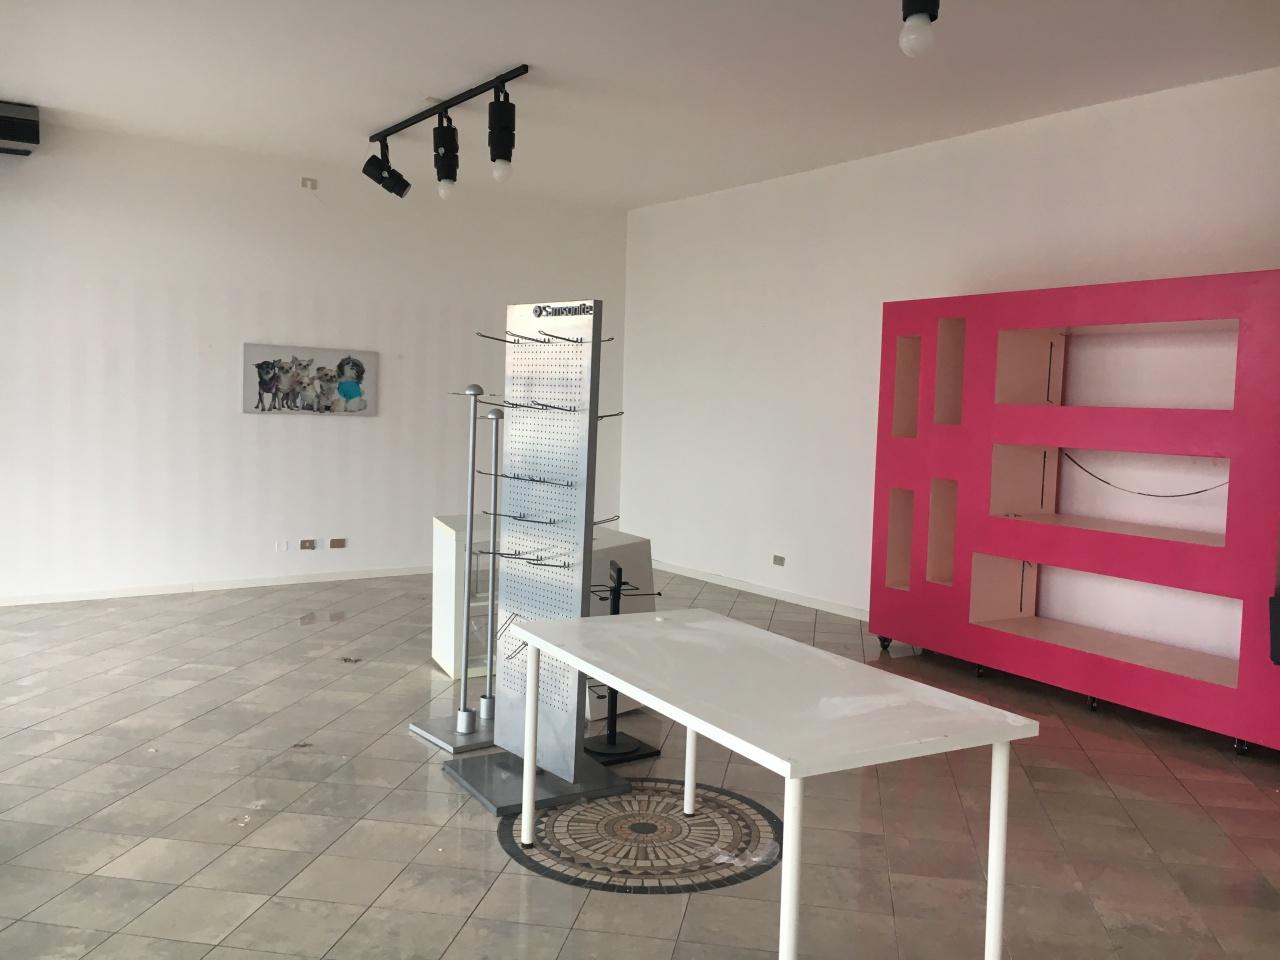 Negozio / Locale in affitto a Rottofreno, 2 locali, prezzo € 900 | PortaleAgenzieImmobiliari.it